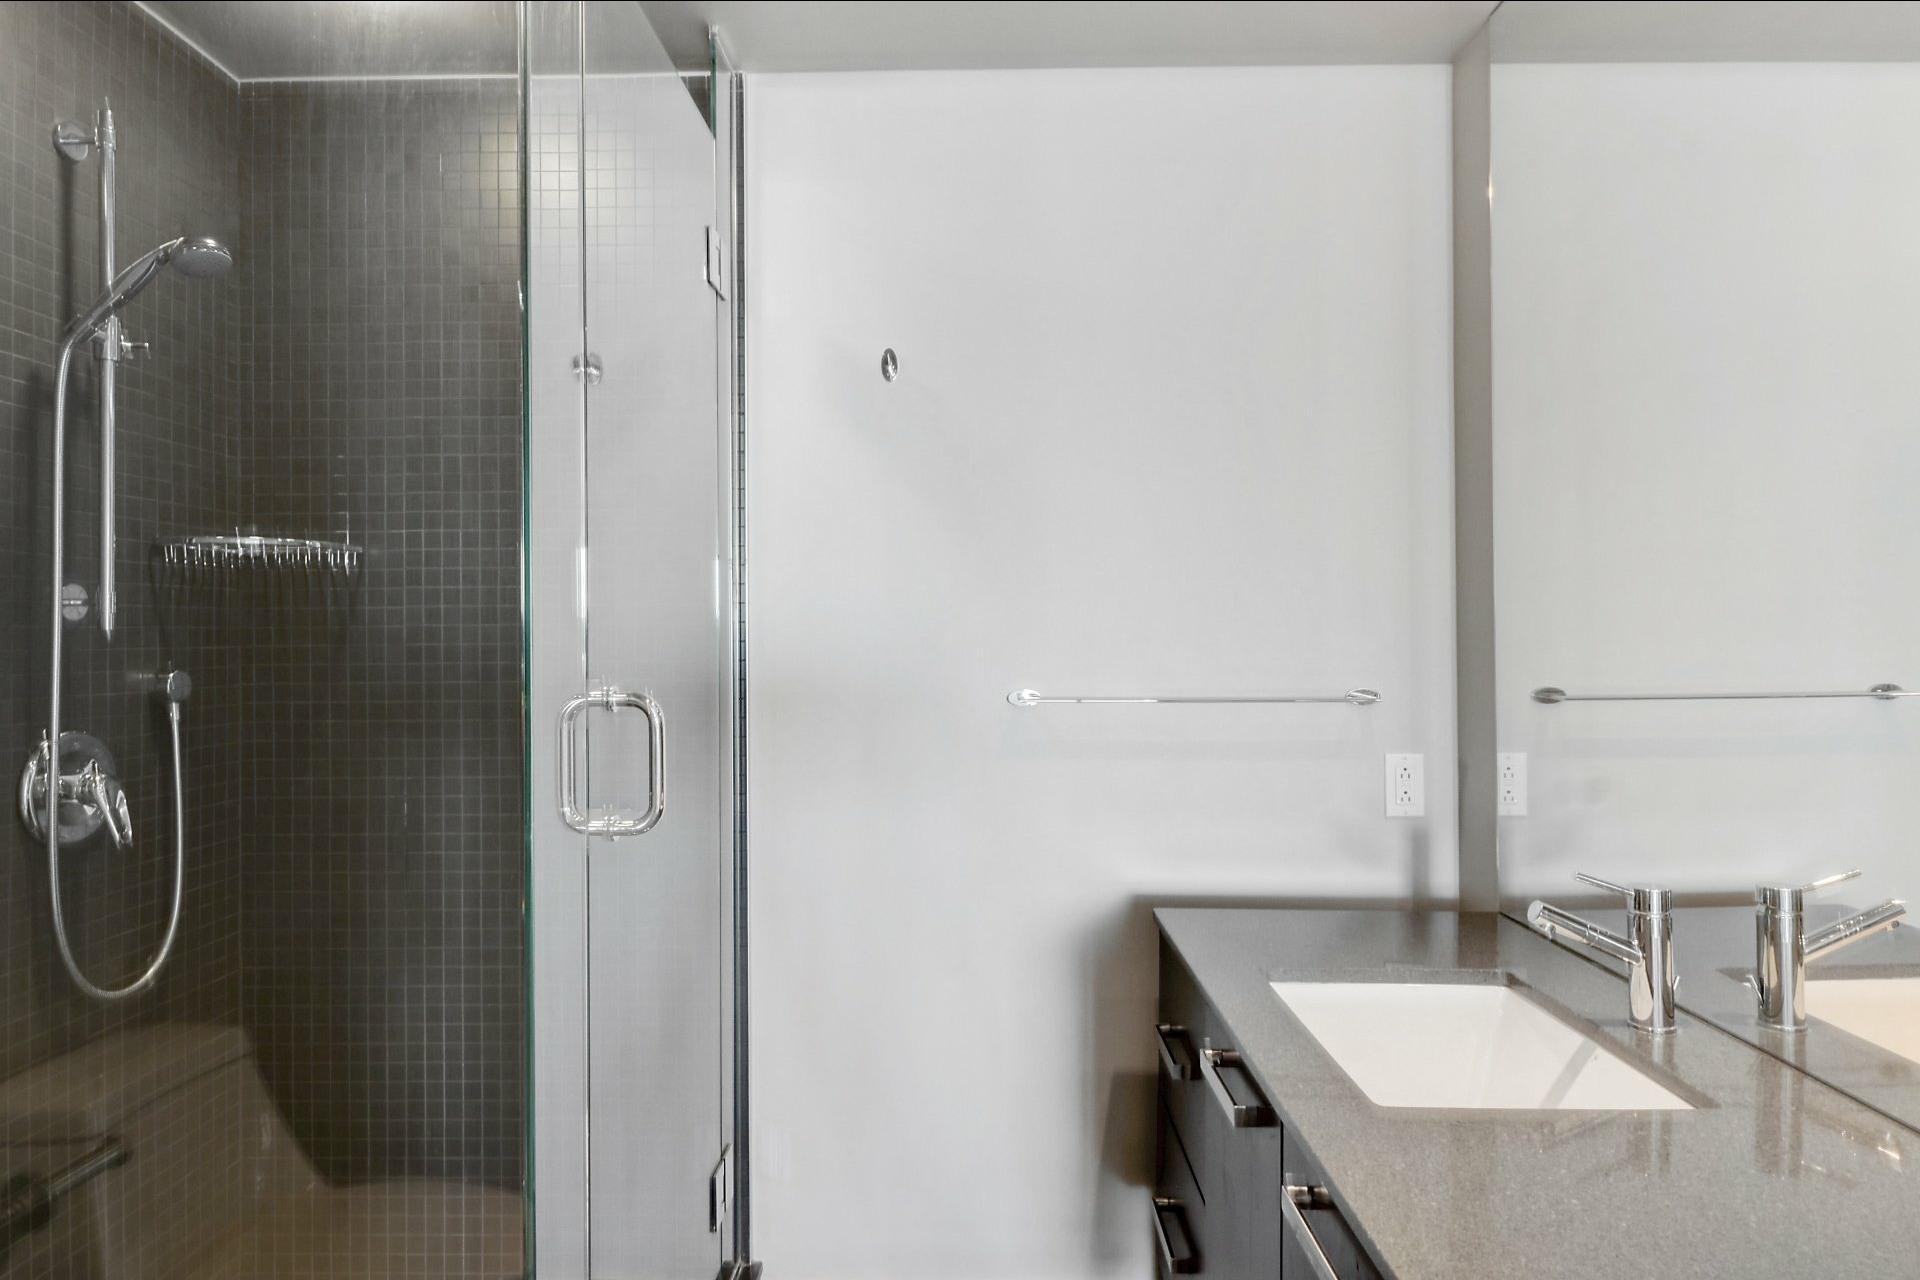 image 18 - Appartement À vendre Verdun/Île-des-Soeurs Montréal  - 8 pièces